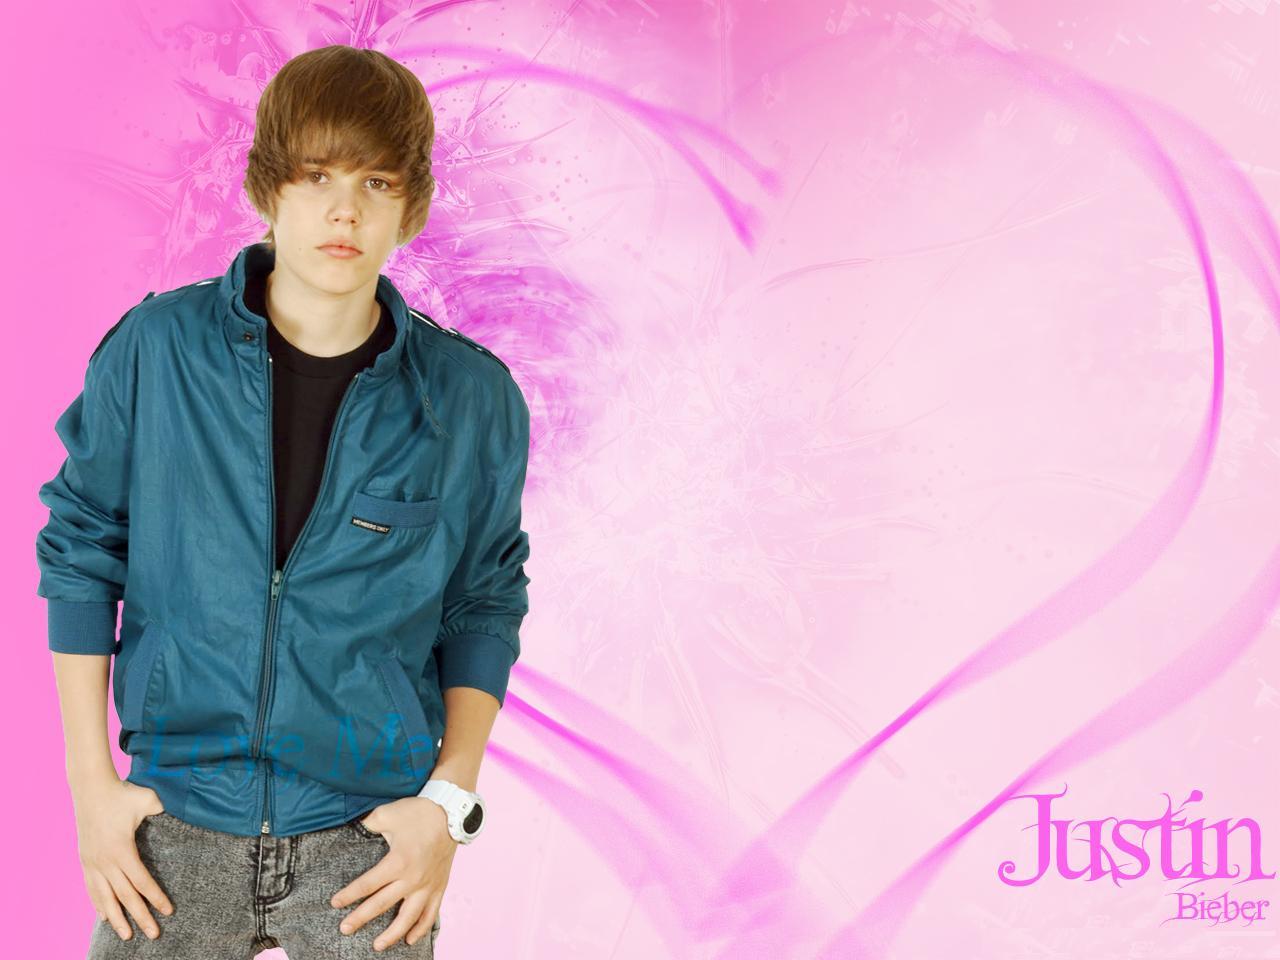 http://3.bp.blogspot.com/-K82Ysm3wg1c/Tbc4kXa3ZUI/AAAAAAAAAaA/C77Z-5VKcHk/s1600/TheWallpaperDB.blogspot.com__+__Justin-Bieber+%25285%2529.jpg